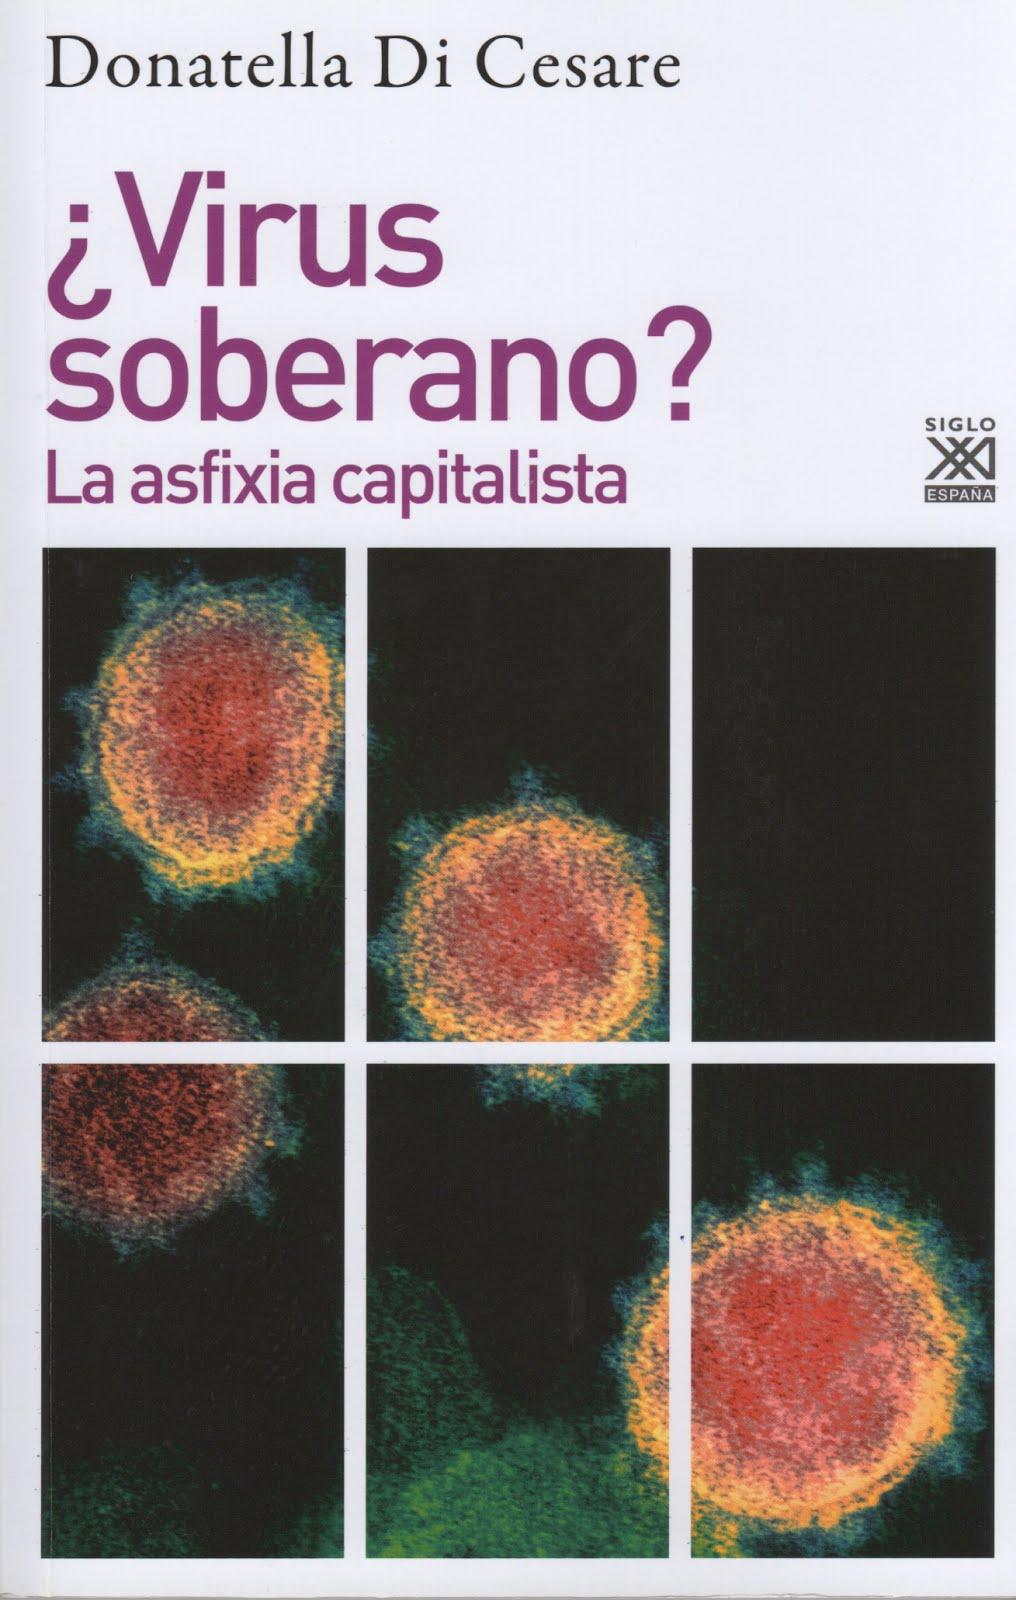 Donatella Di Cesare (¿Virus soberano? La asfixia capitalista